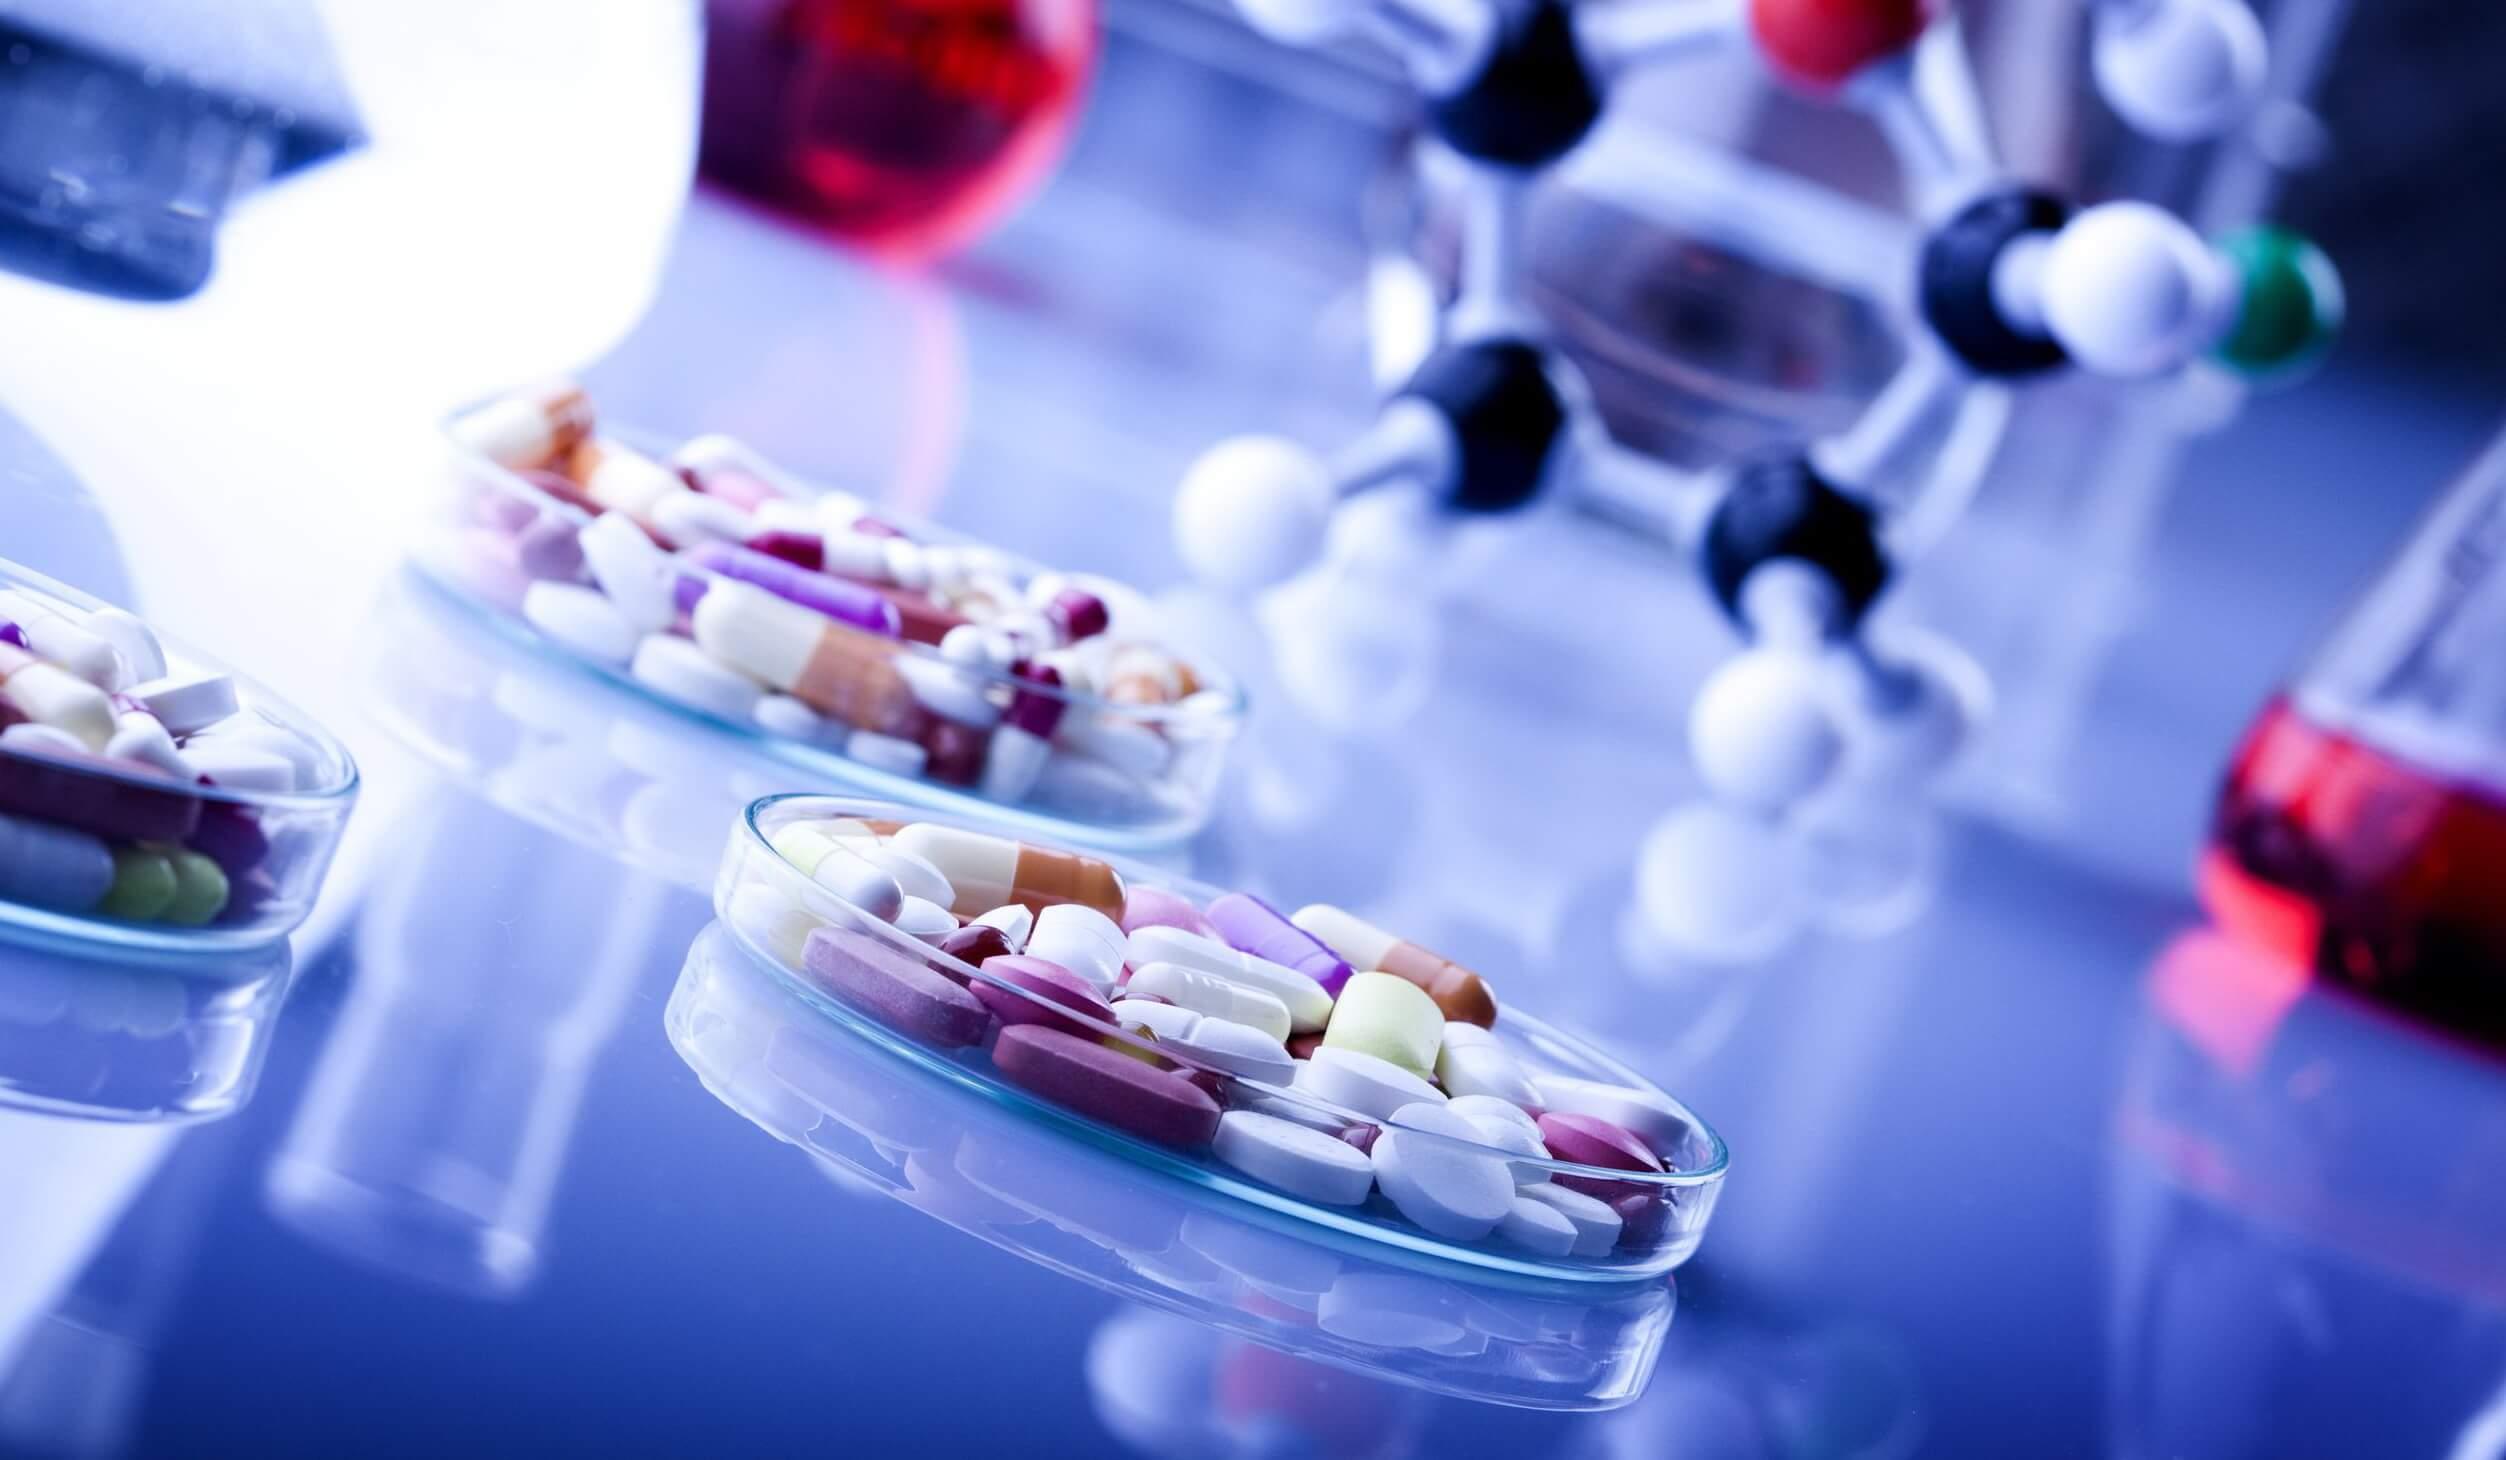 Ростовский суд закрыл 20 аптек за продажу лекарств «аптечной наркомании» без рецепта